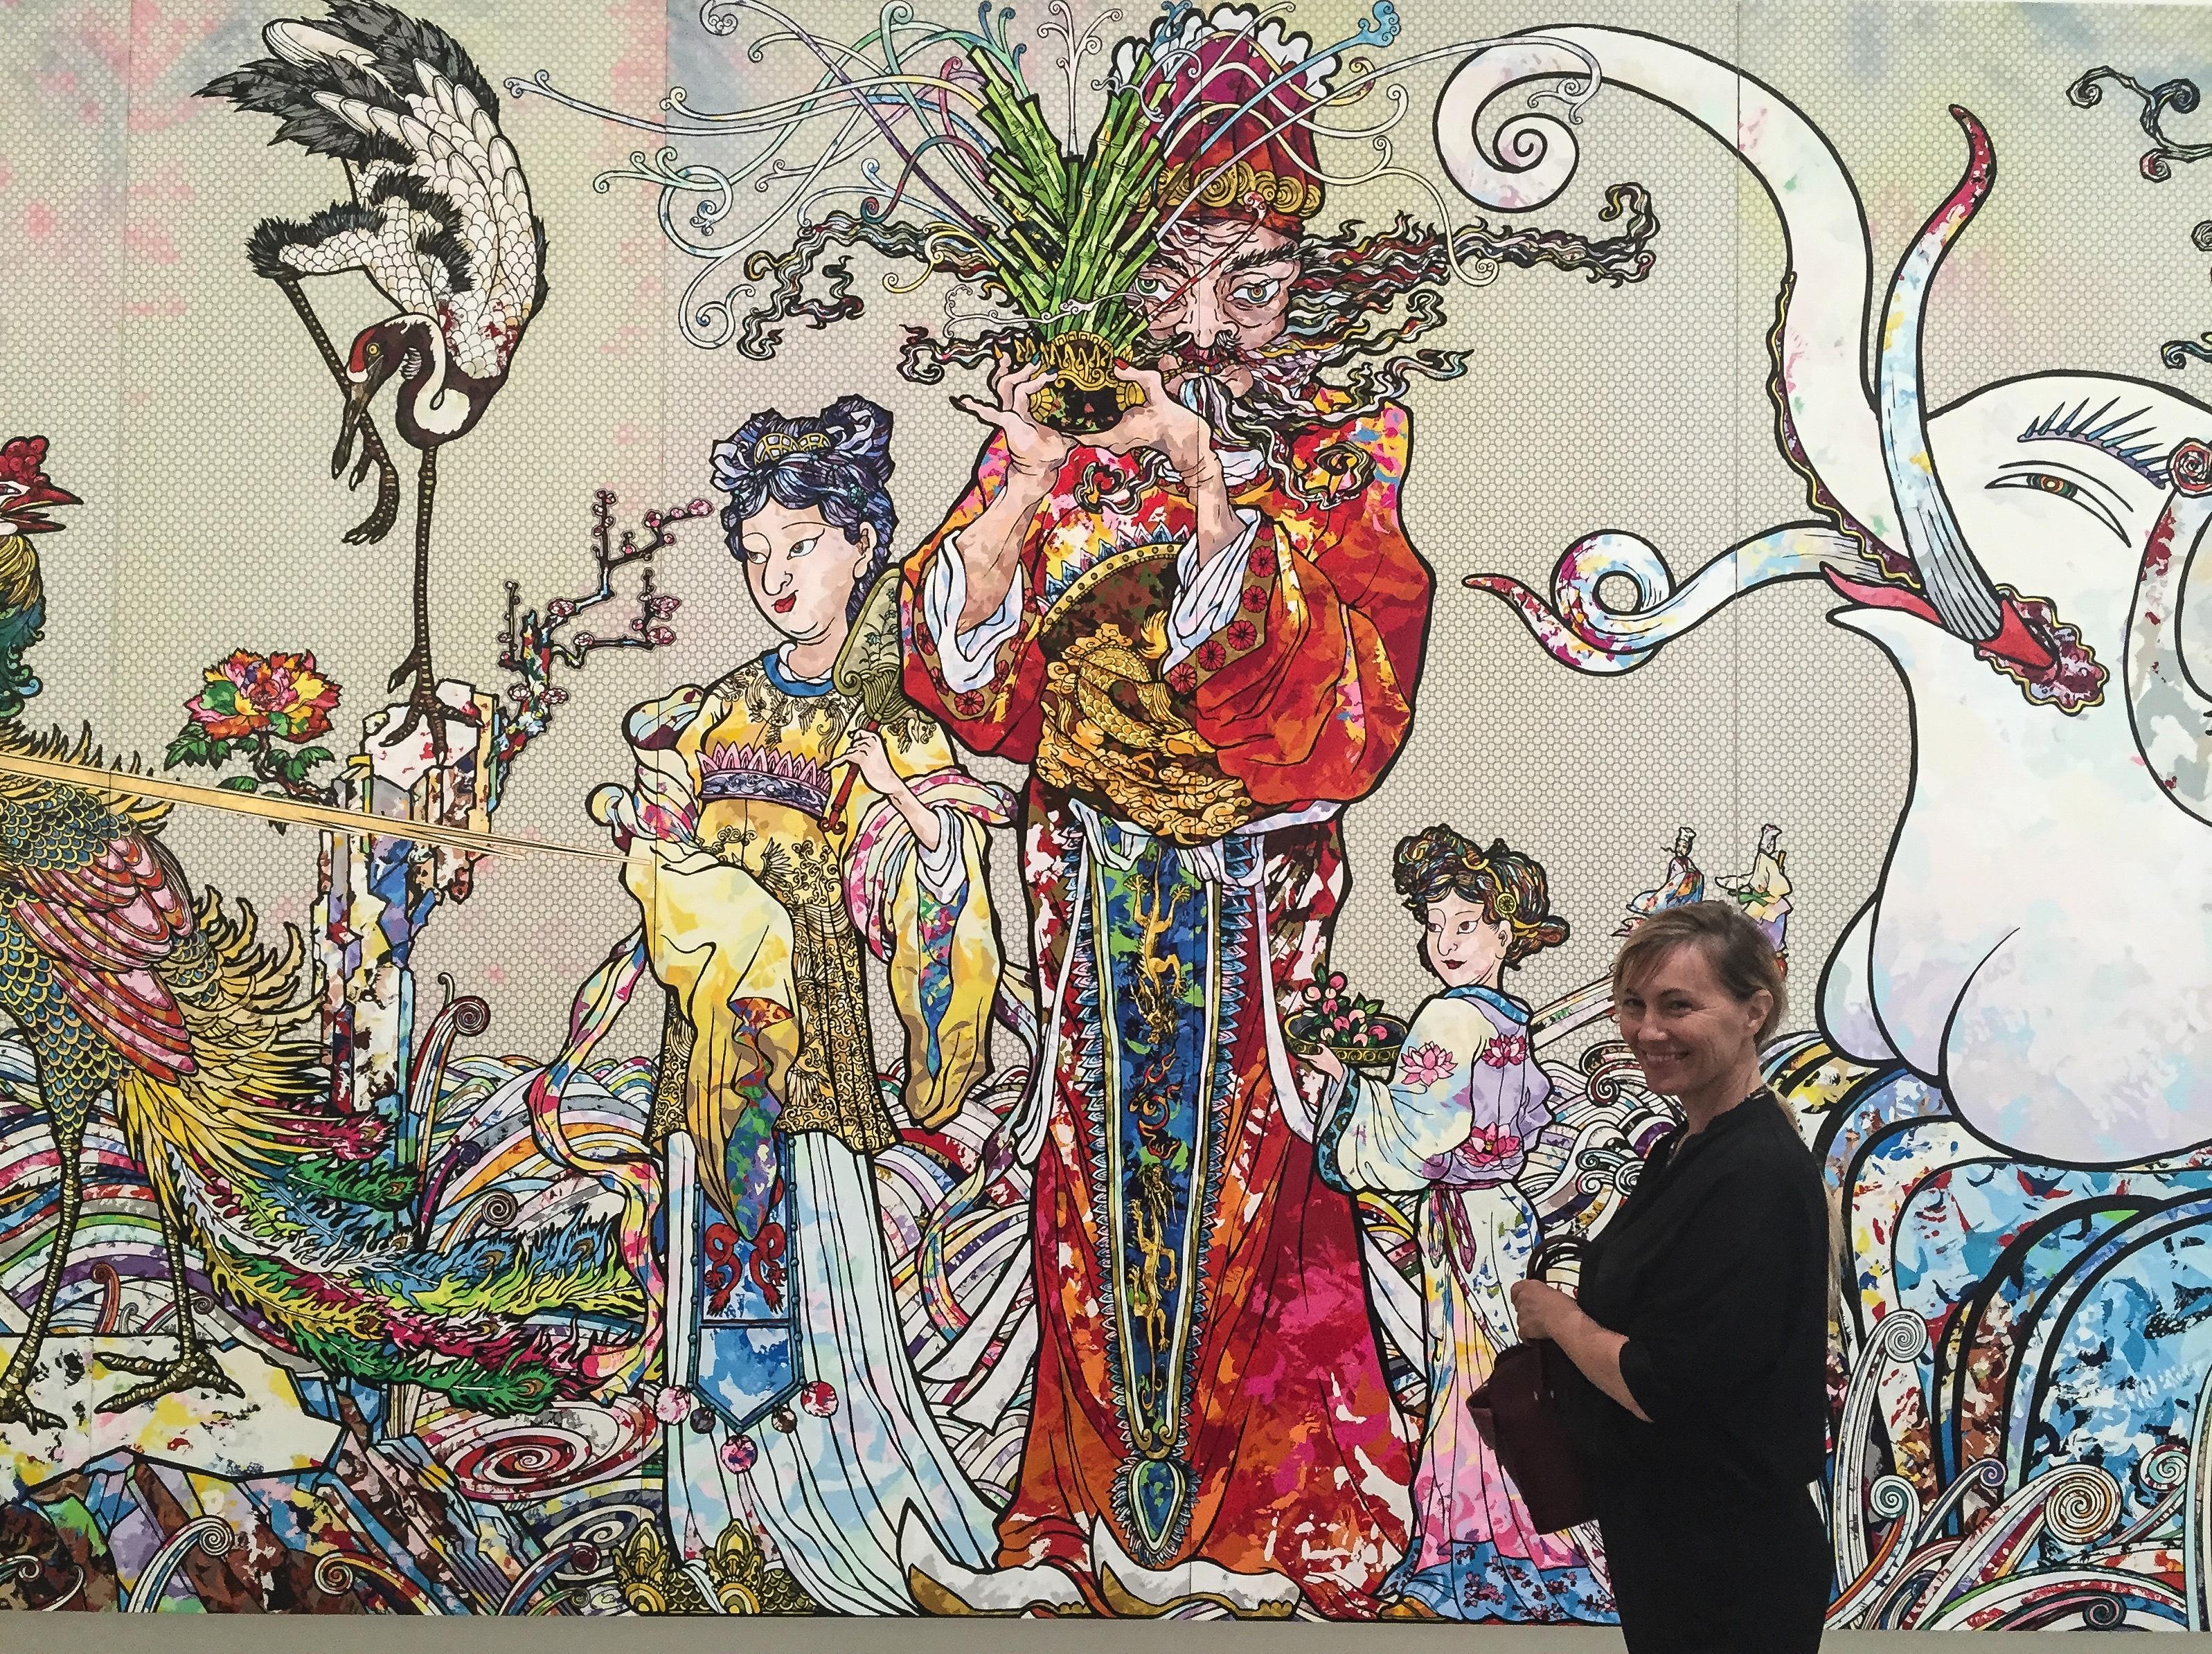 murakami-painting-at-the-broad-los-angeles